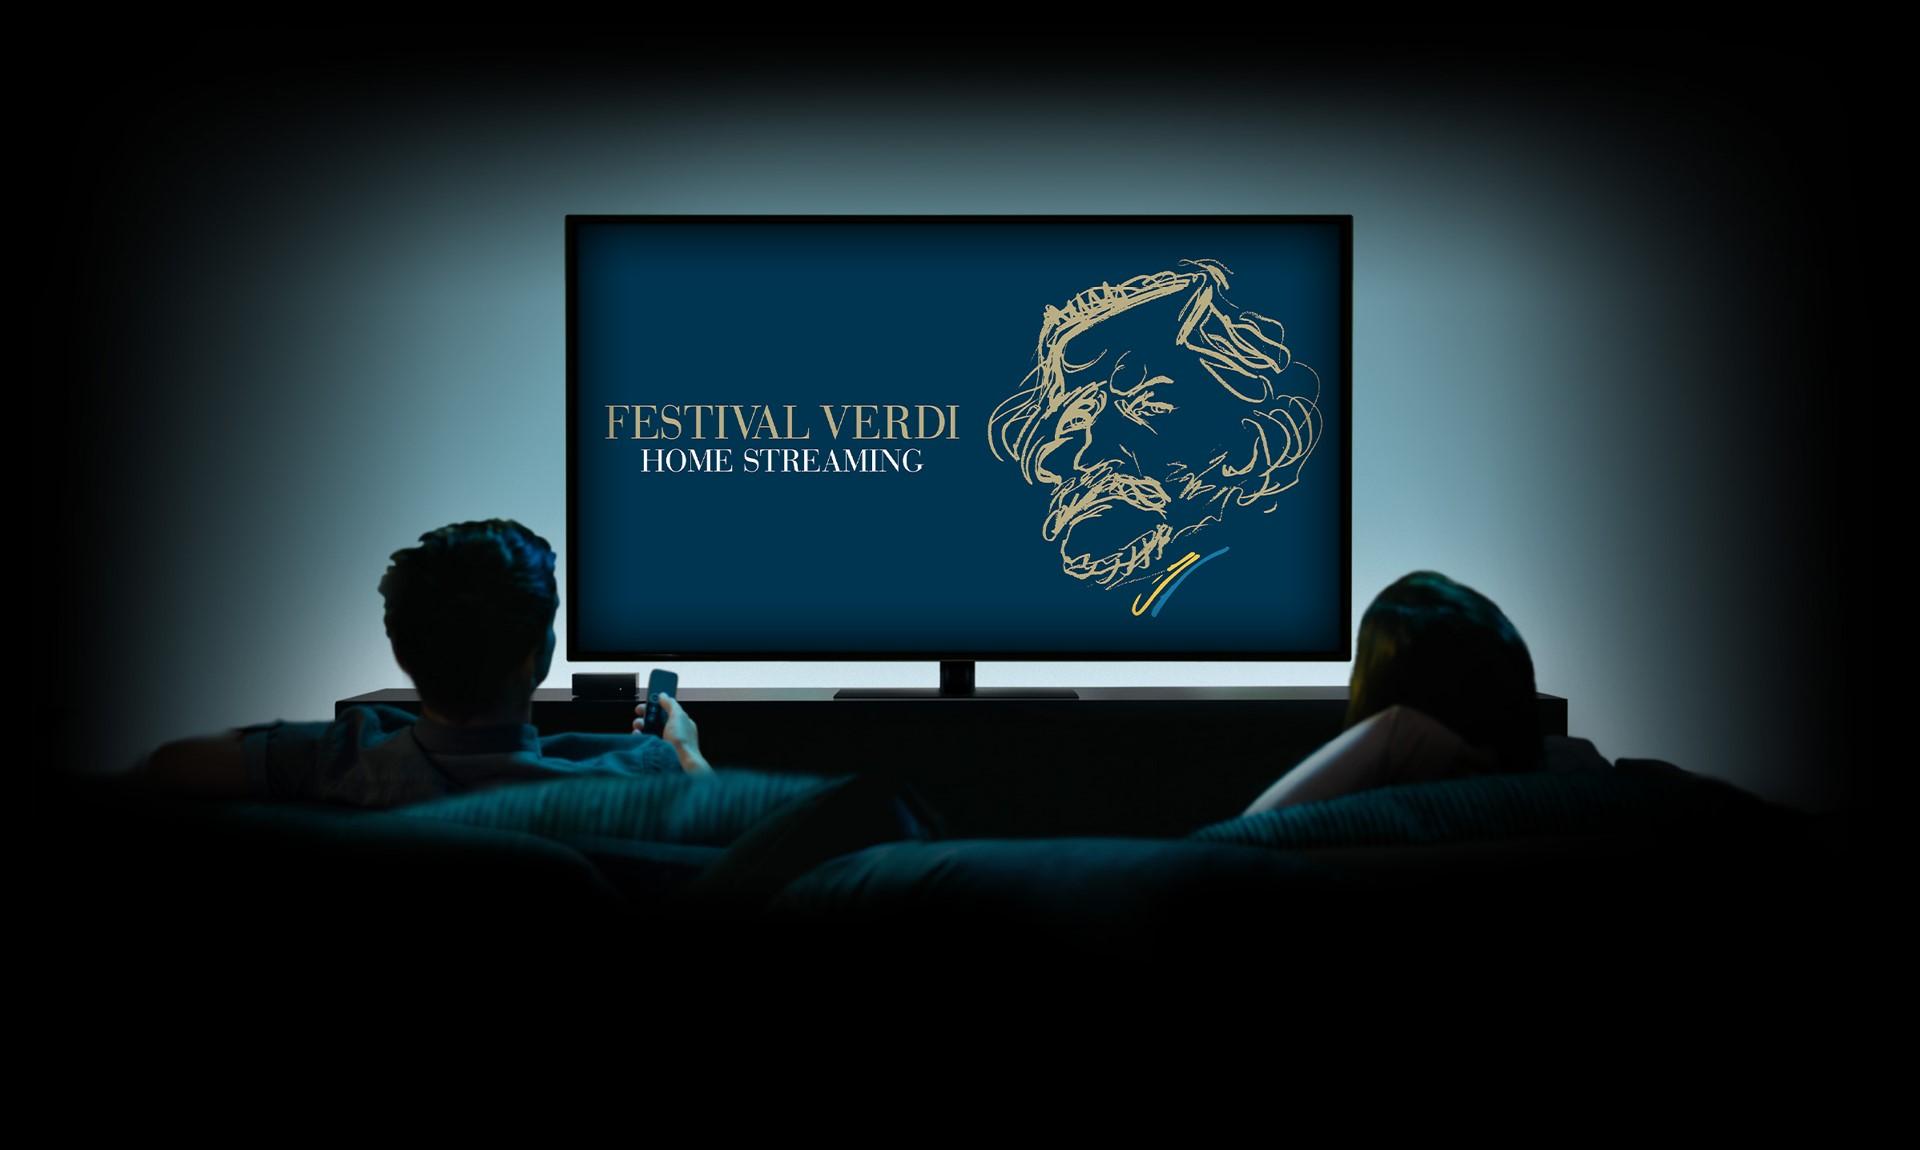 Festival-Verdi-home-streaming